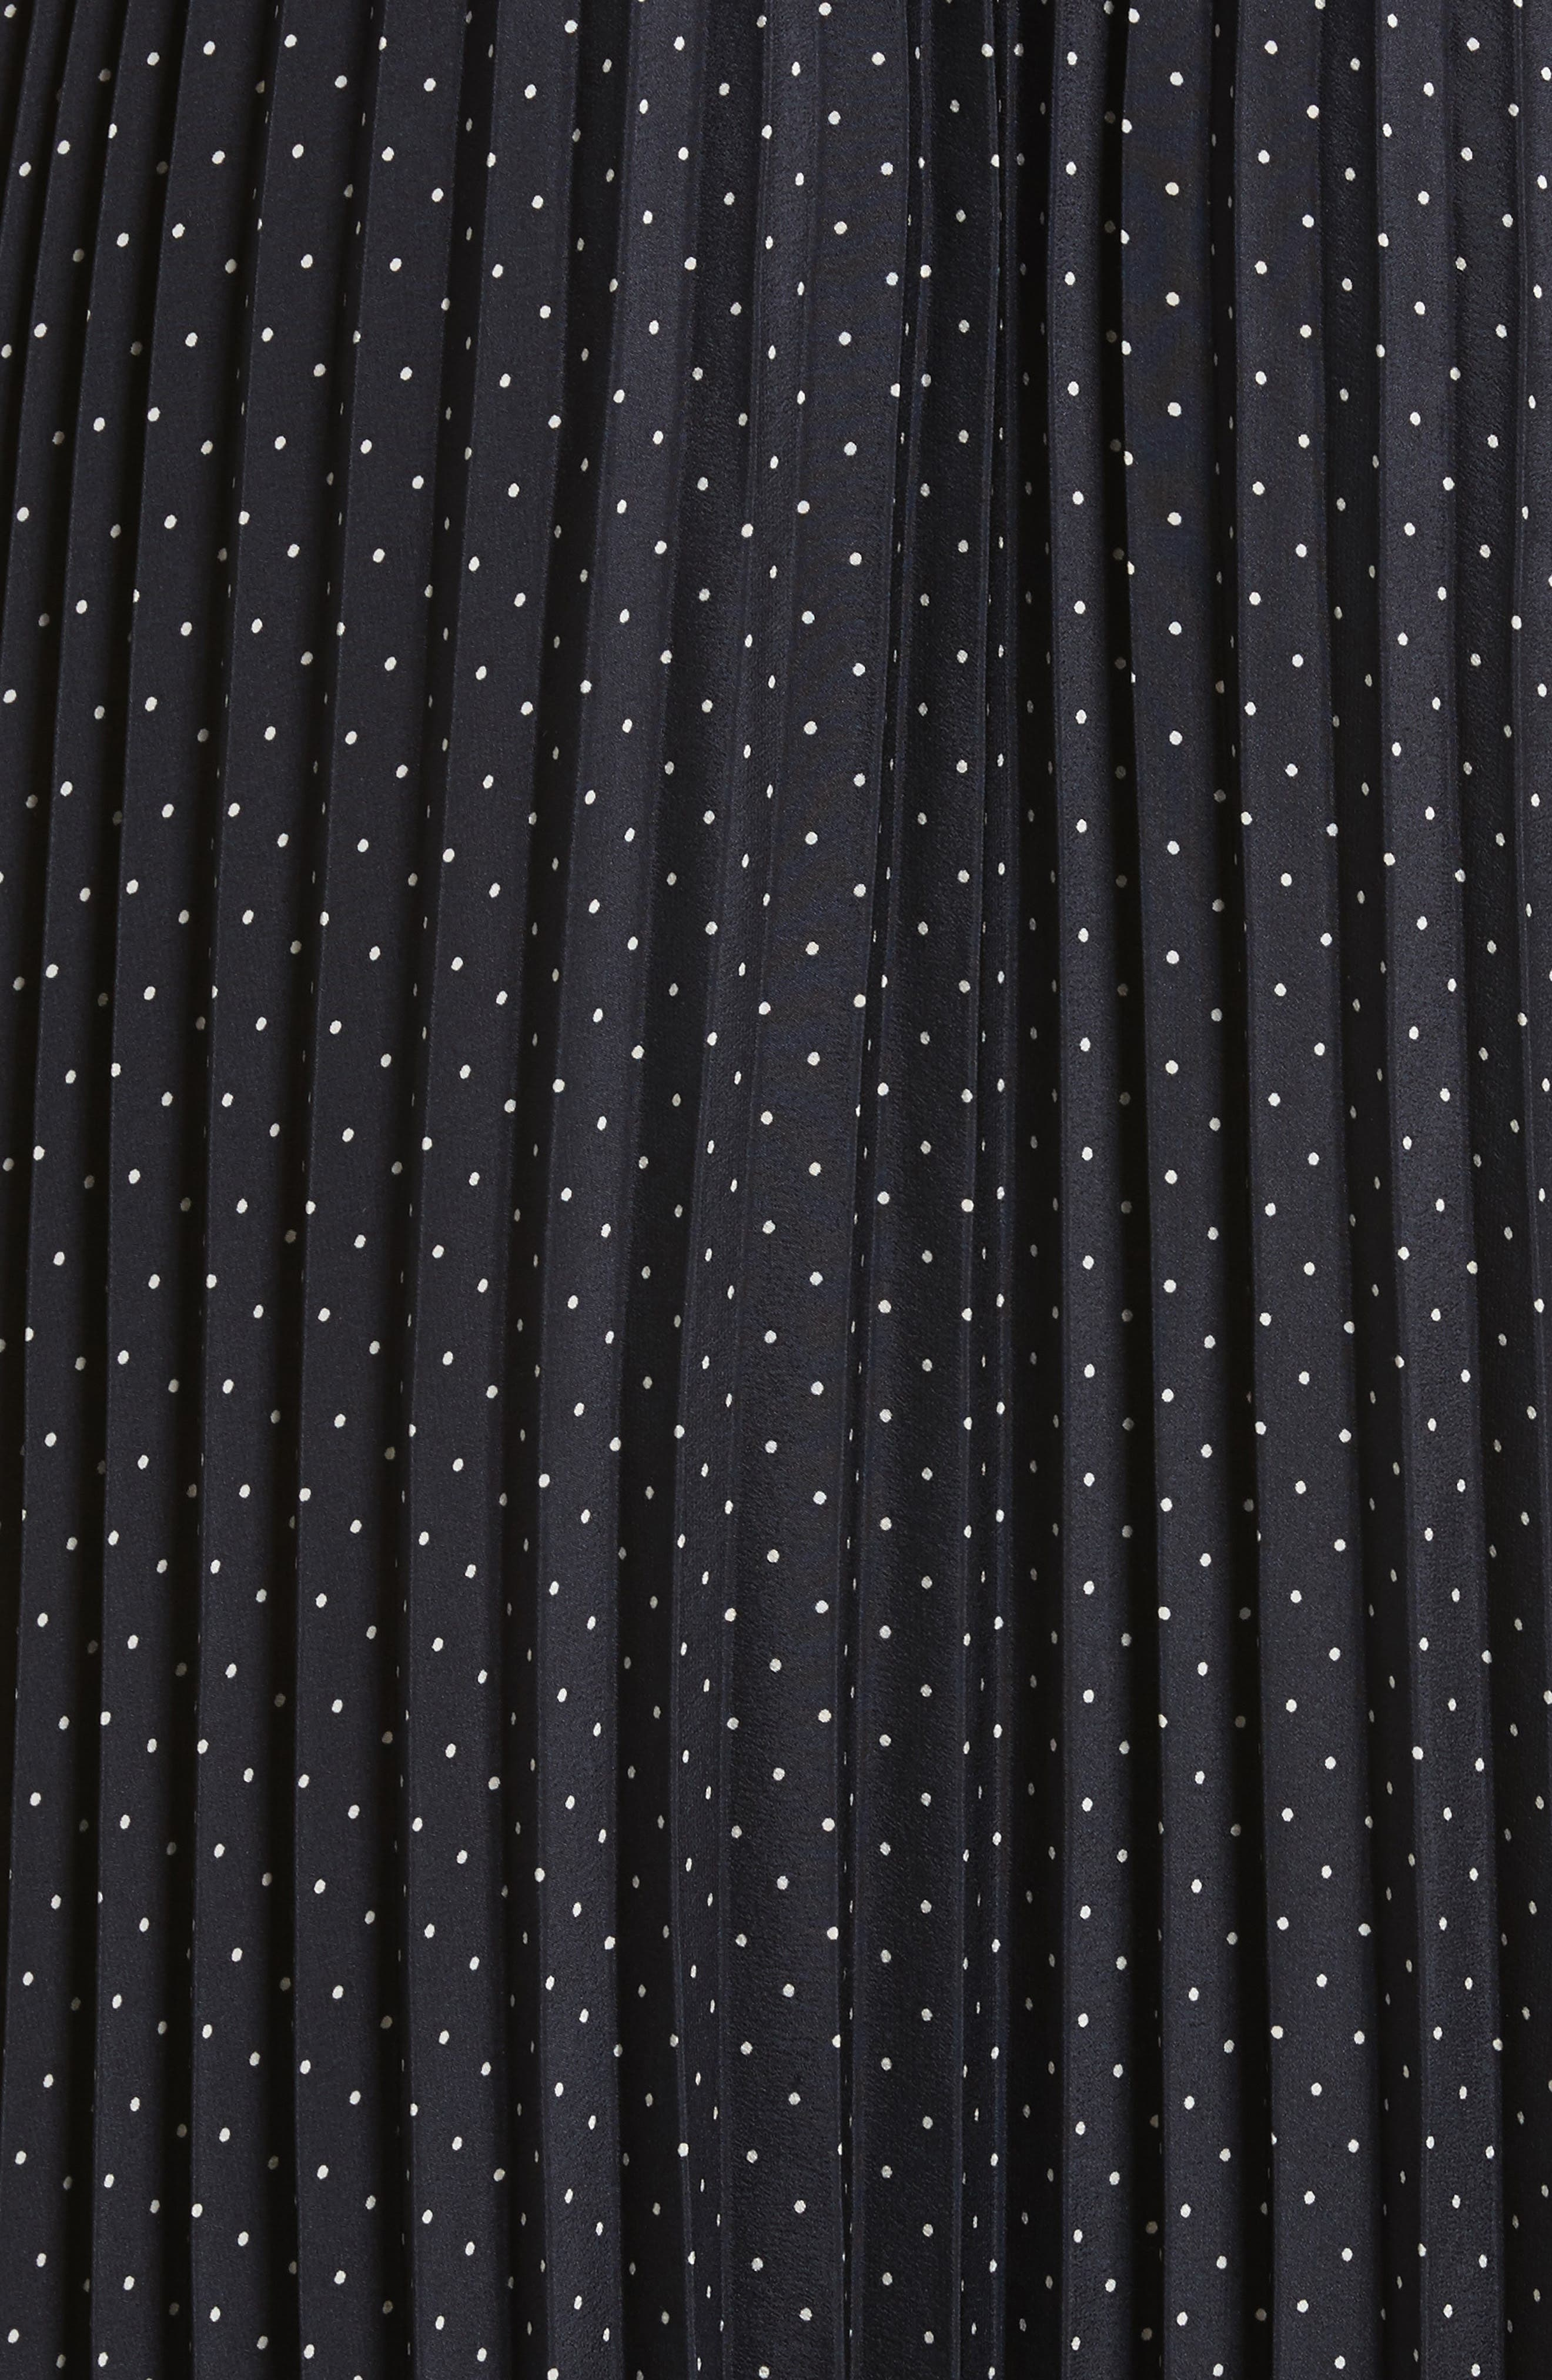 Polka Dot Pleated Slipdress,                             Alternate thumbnail 5, color,                             496